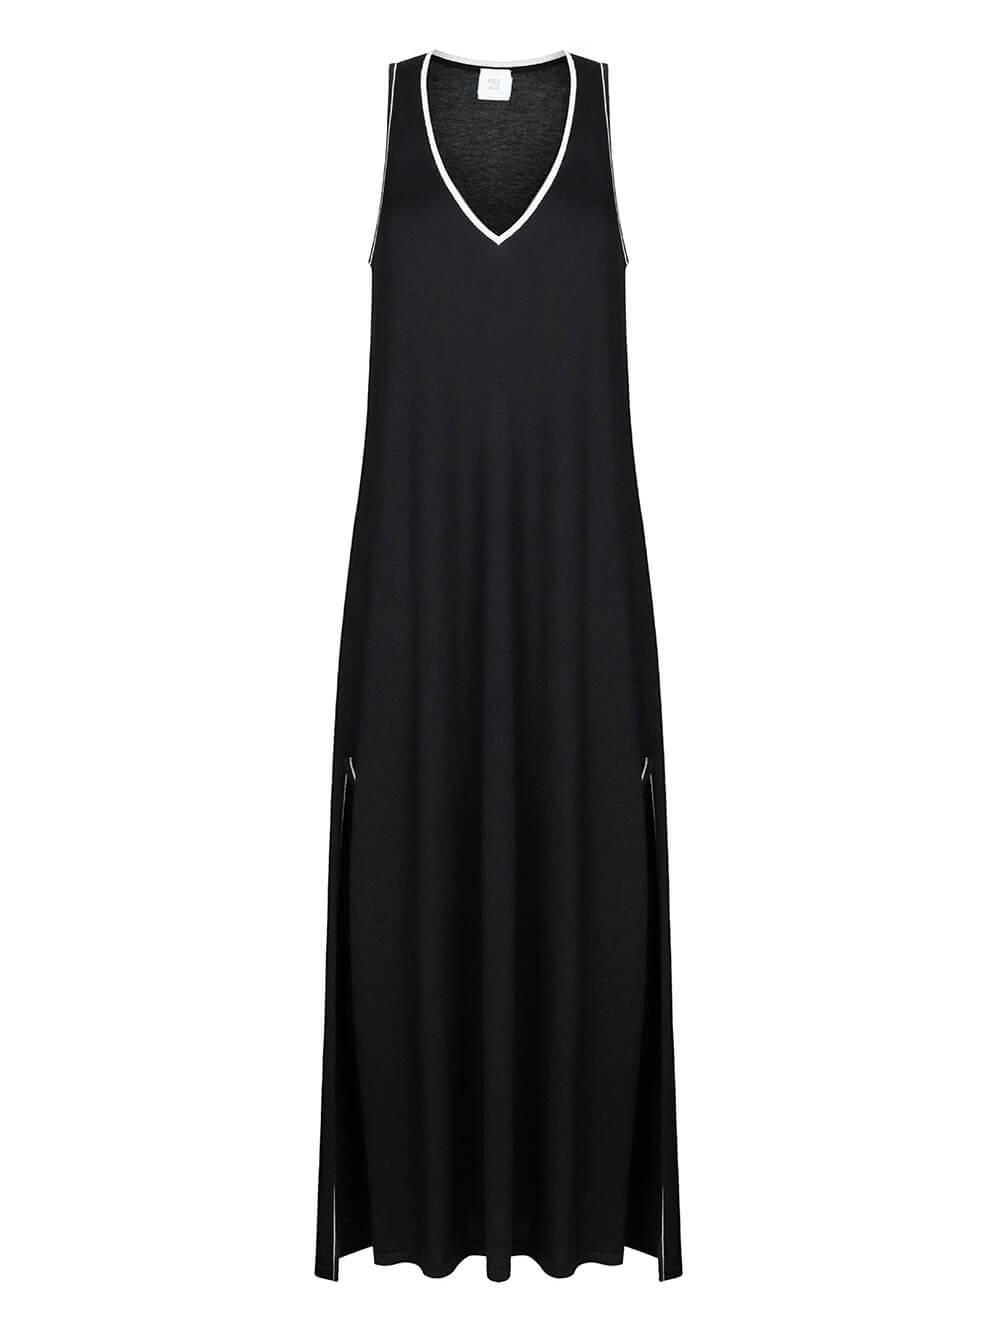 Женское платье черного цвета из шерсти и шелка - фото 1